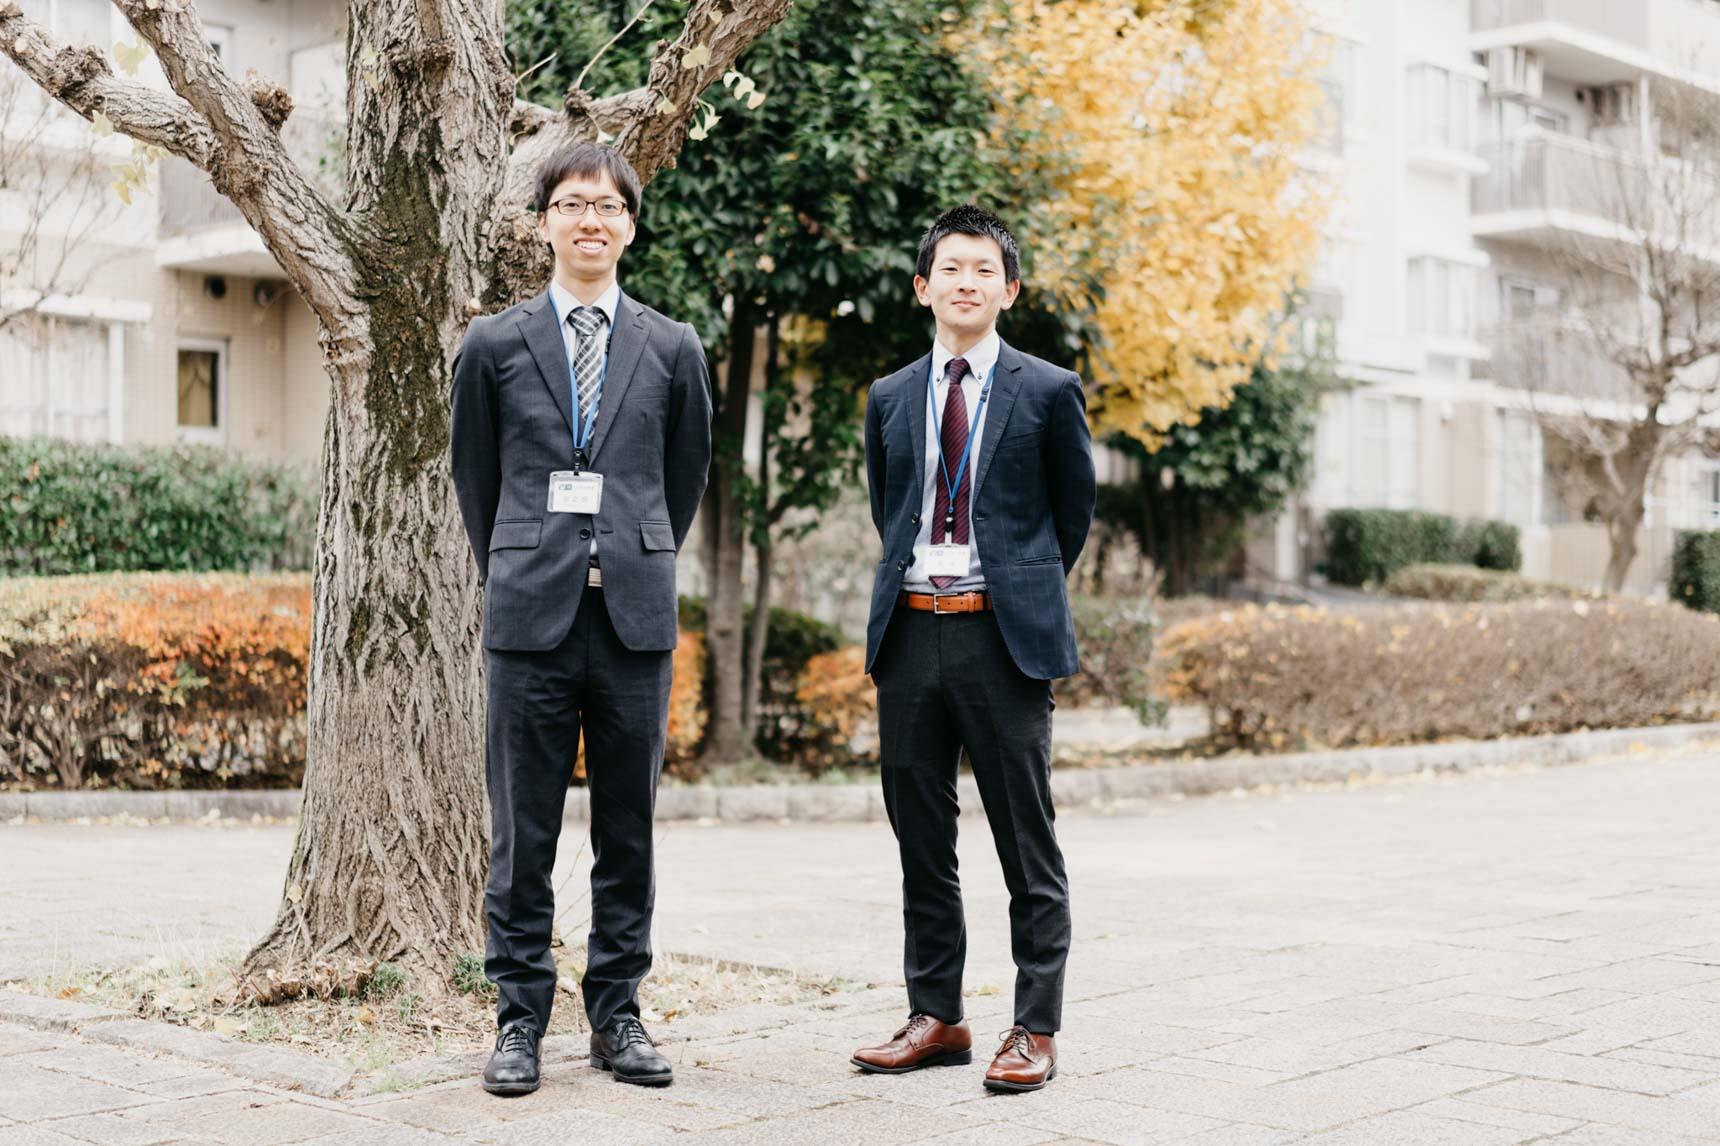 ご案内してくださったのは、UR都市機構の田之畑さん(写真左)と鈴木さん(写真右)